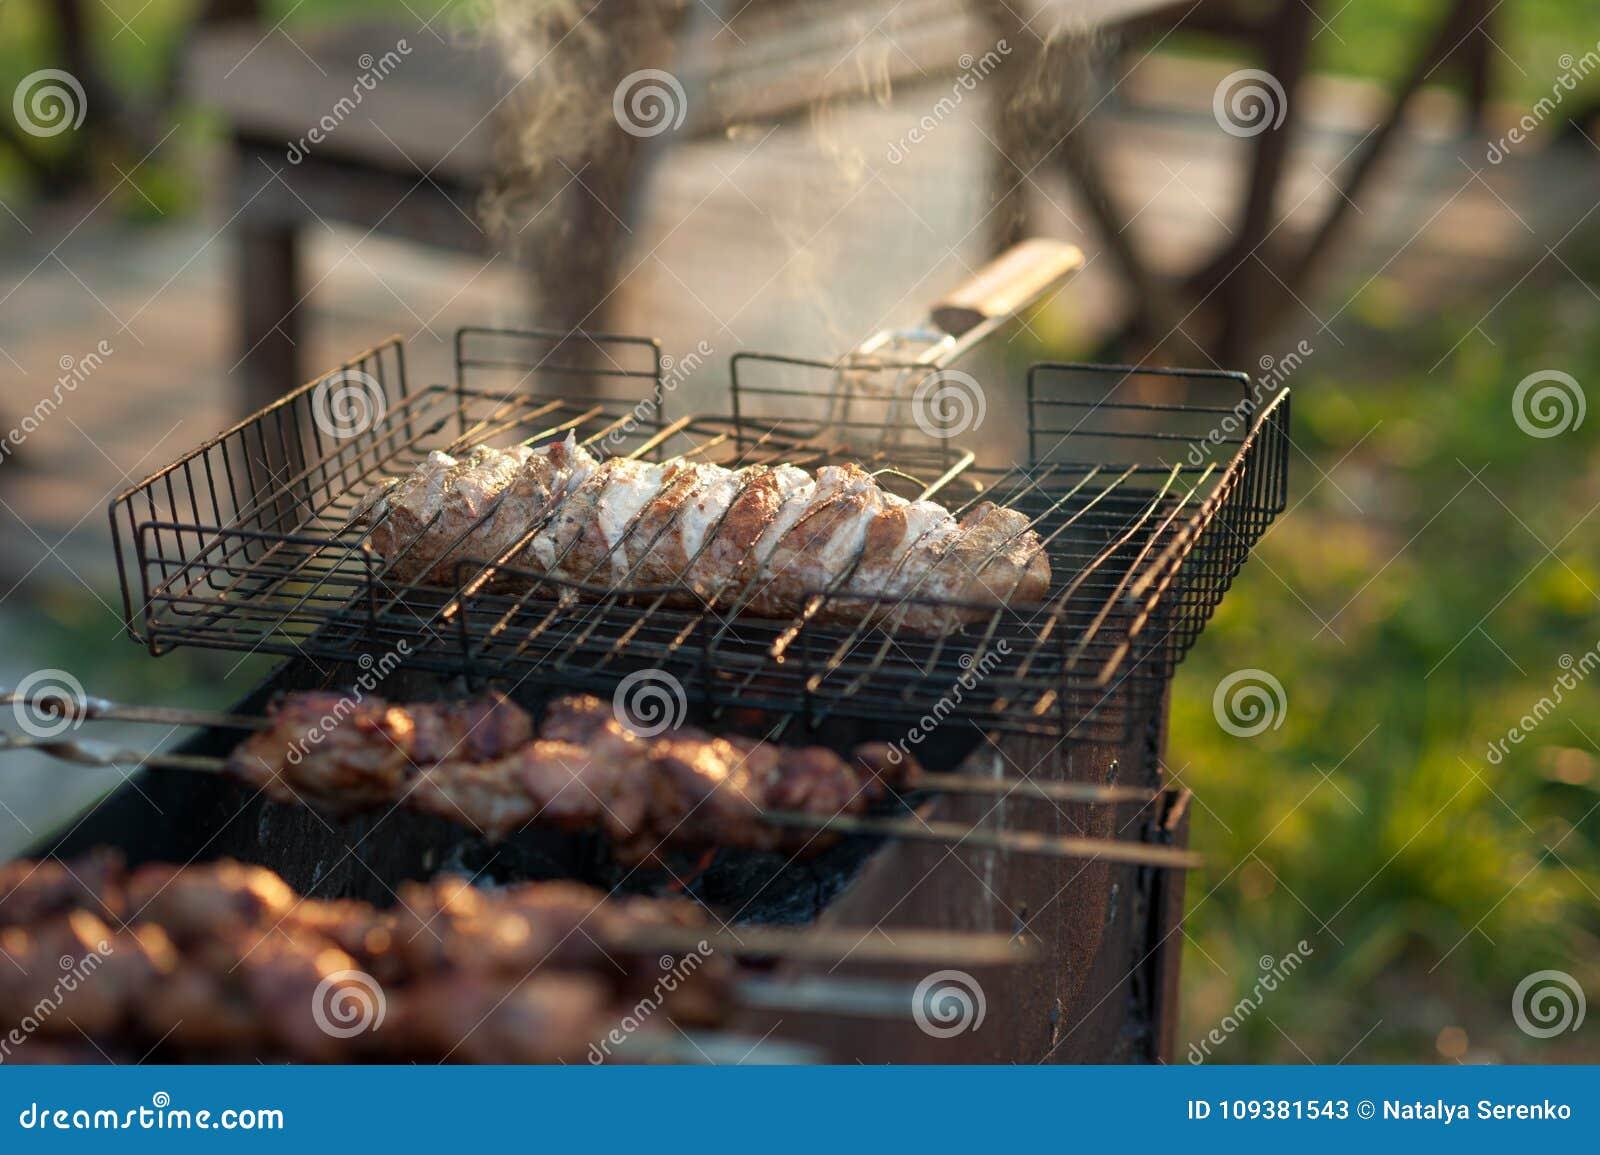 Kebab auf dem Grill Mariniertes shashlik, das auf einen Grillgrill über Holzkohle sich vorbereitet